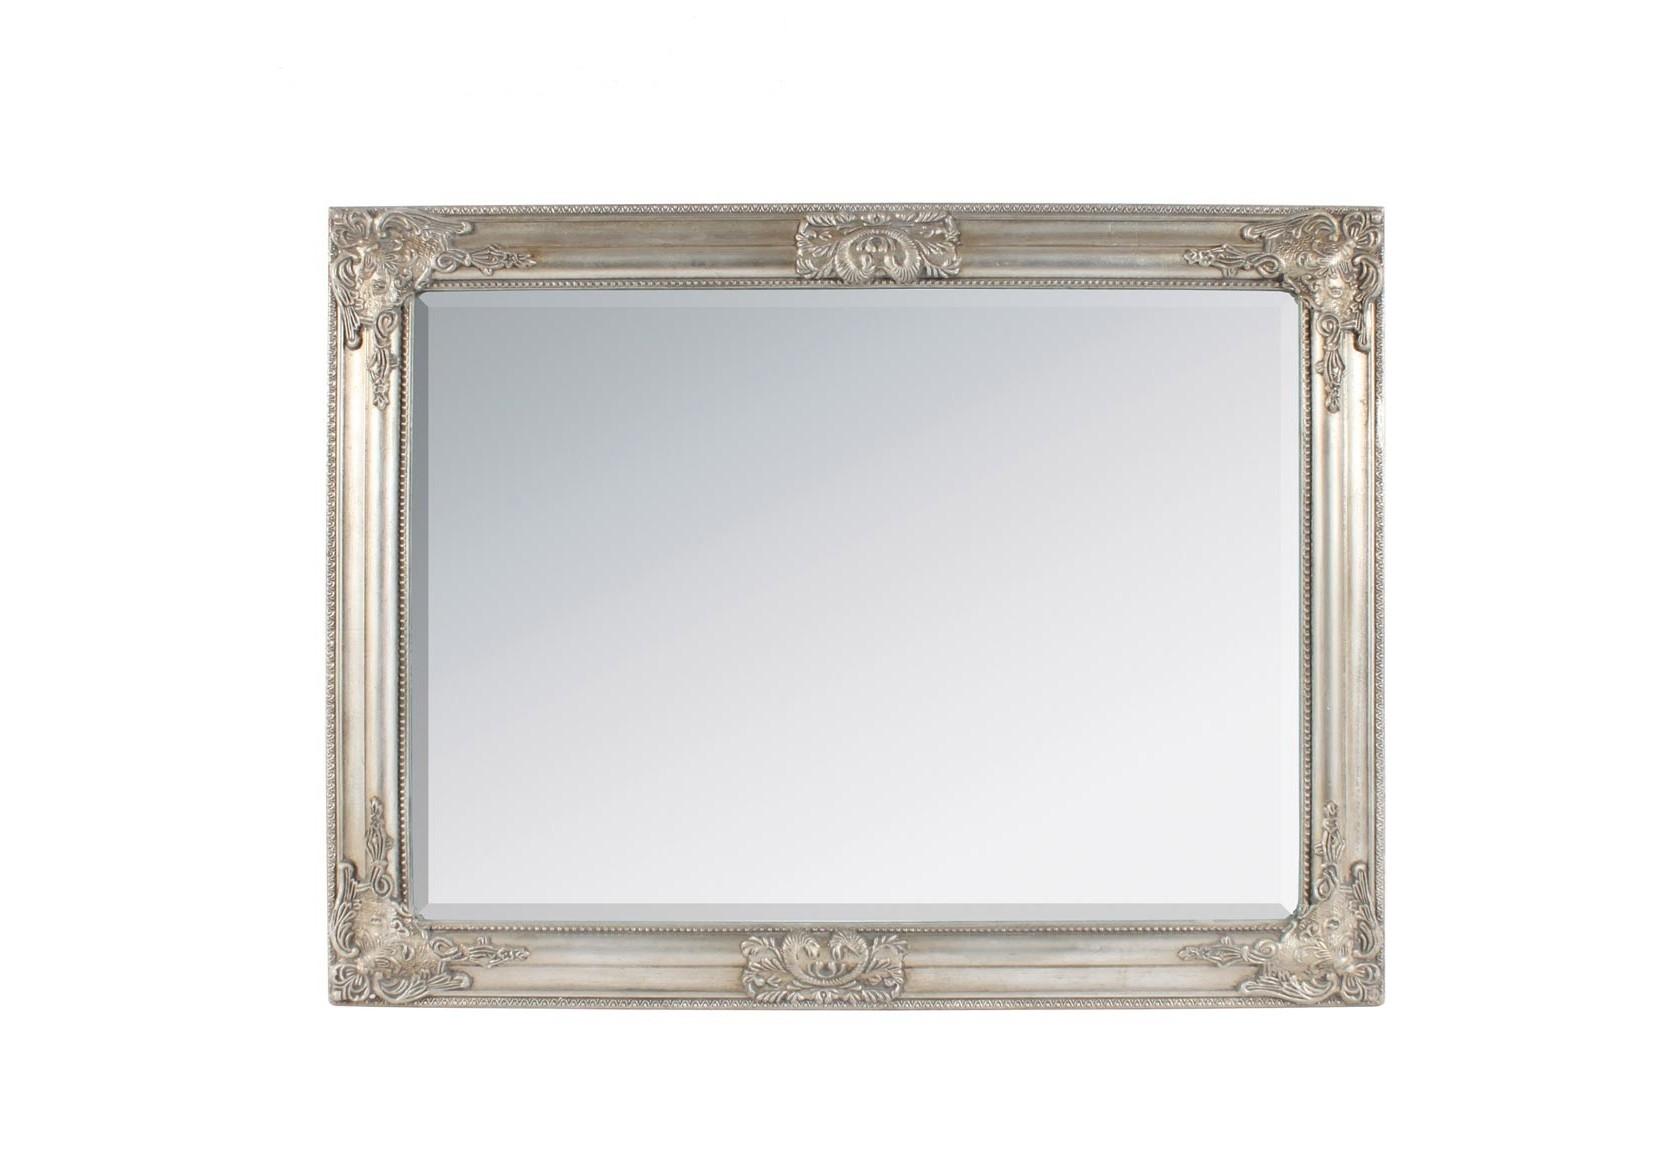 Зеркало настенное Luj?n de CuyoНастенные зеркала<br><br><br>Material: Полистоун<br>Width см: 62<br>Depth см: 2<br>Height см: 82